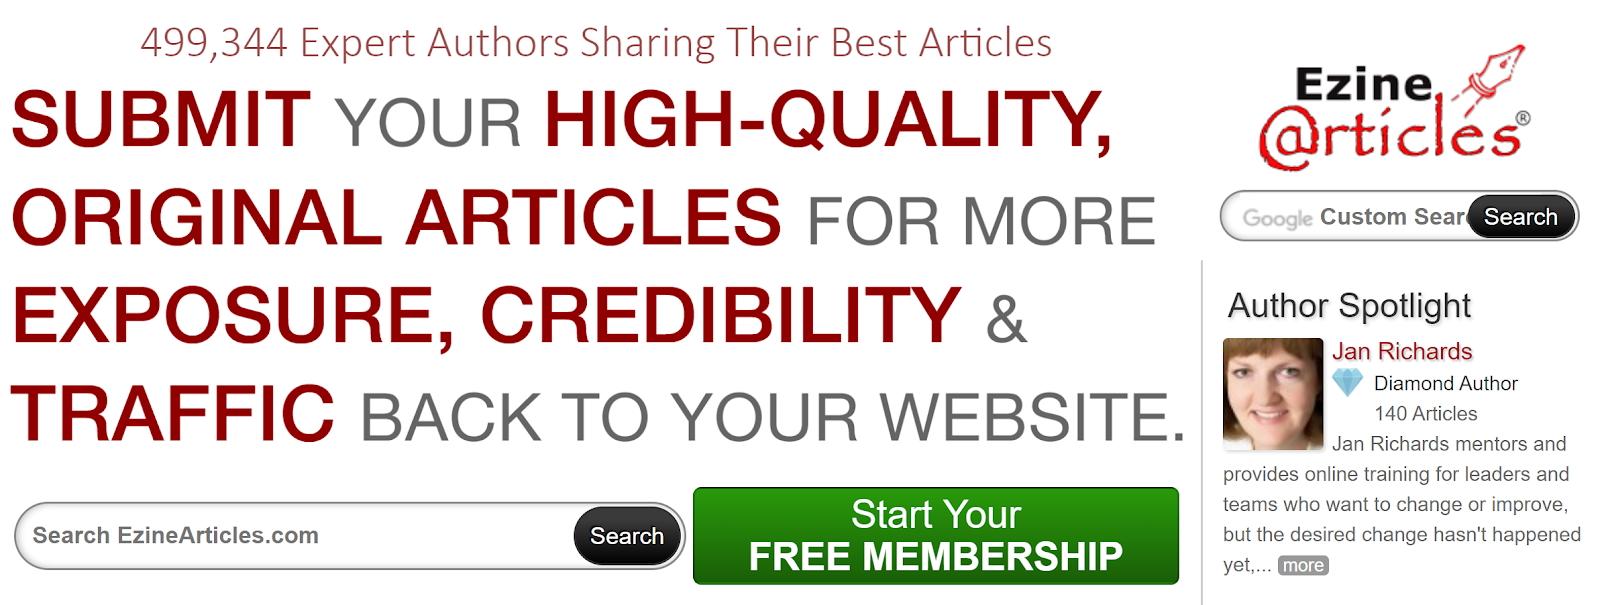 contenido gratuito del sitio web